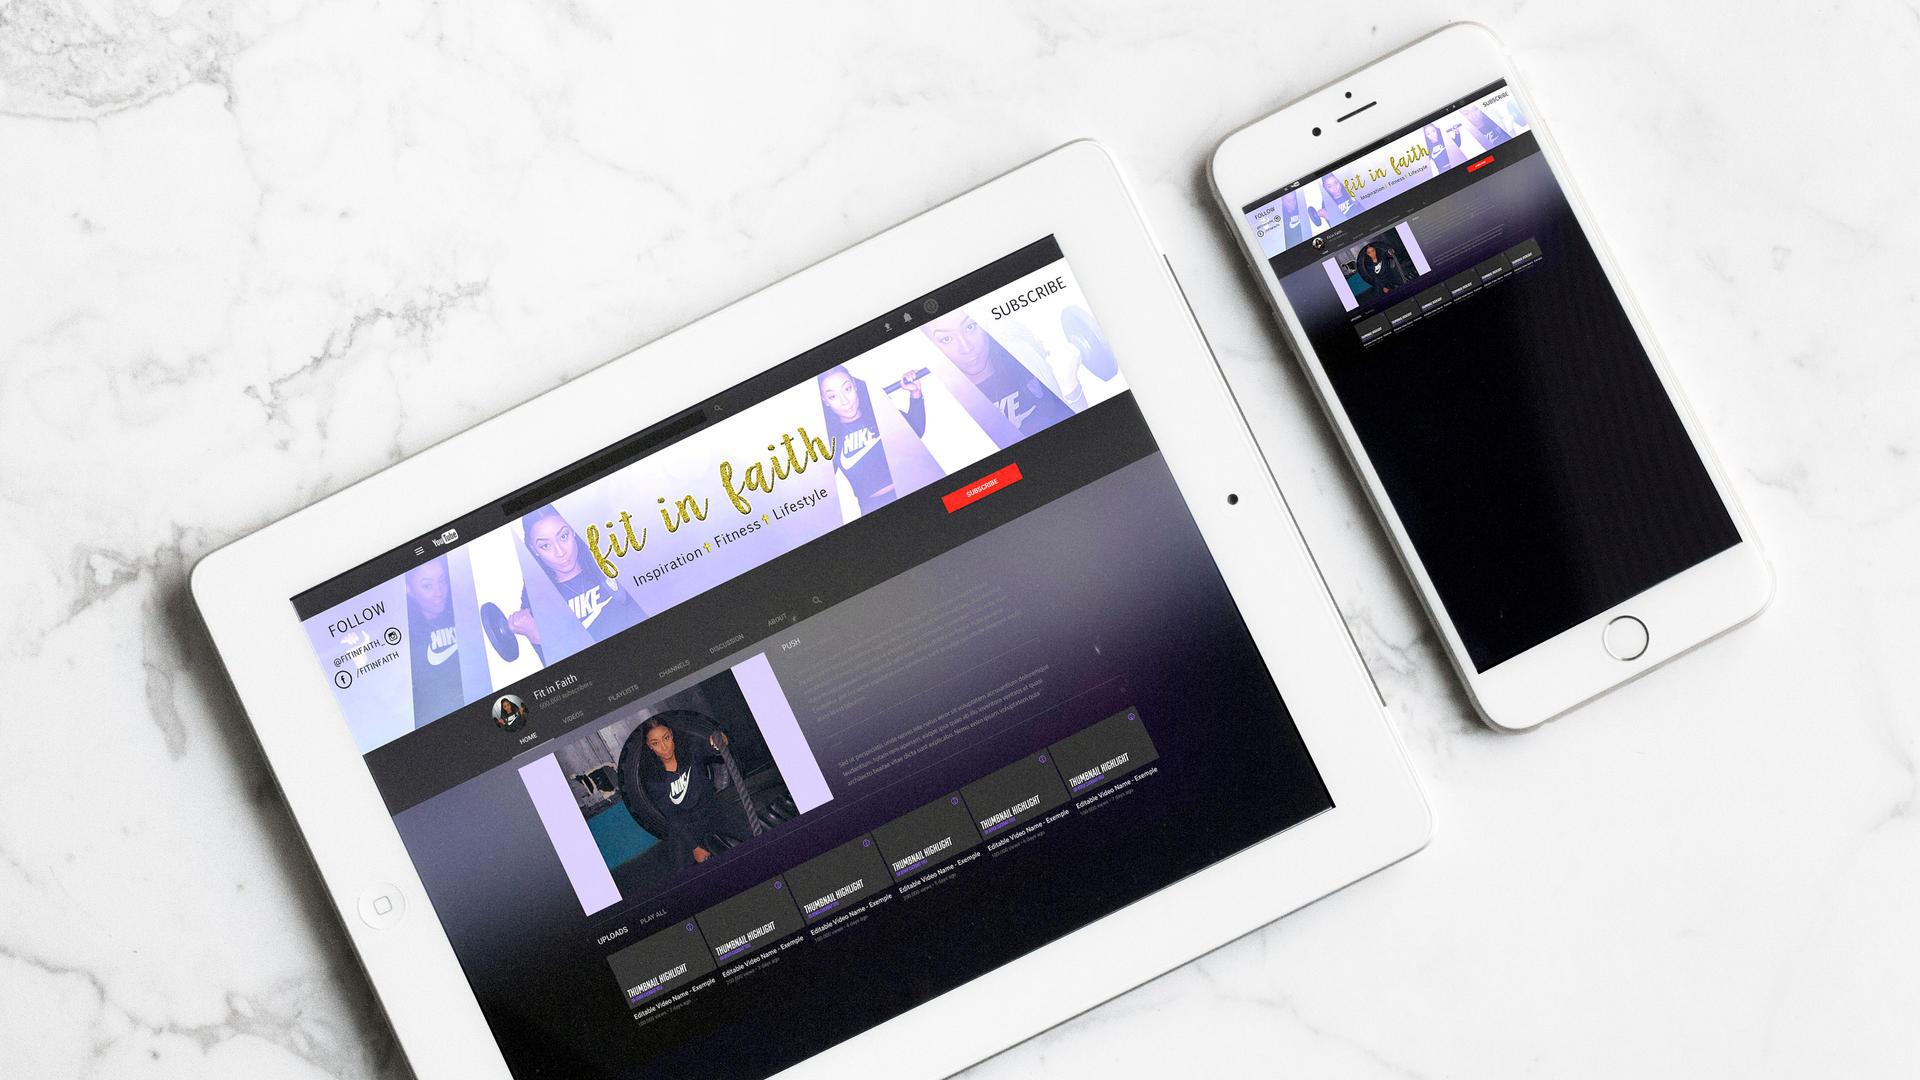 FITINFAITH_Iphone-tablet-mockup.jpg